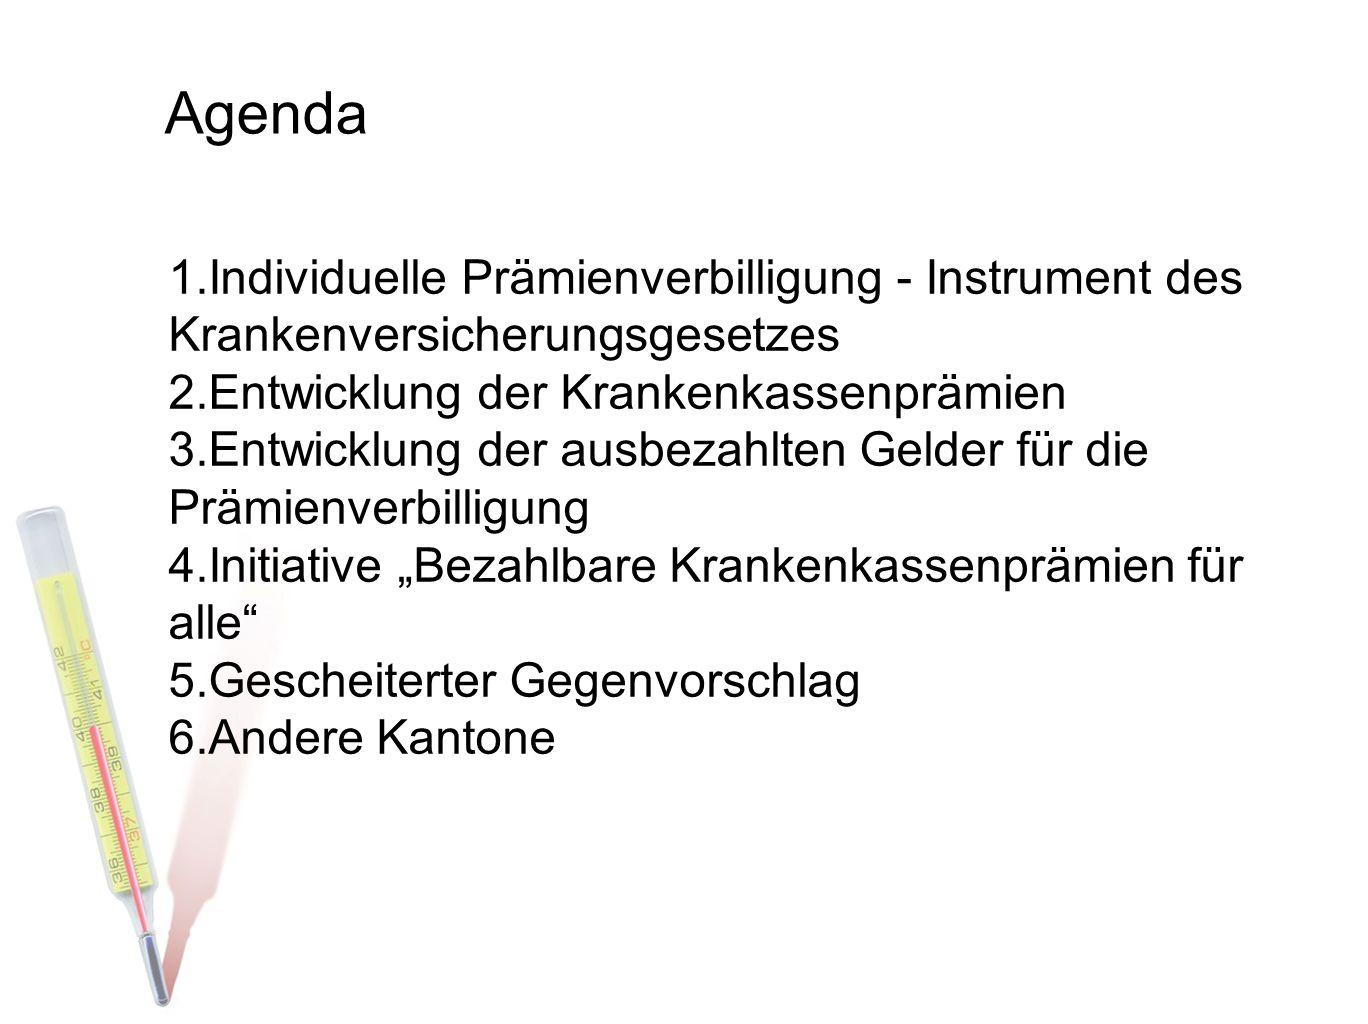 Agenda 1.Individuelle Prämienverbilligung - Instrument des Krankenversicherungsgesetzes 2.Entwicklung der Krankenkassenprämien 3.Entwicklung der ausbe